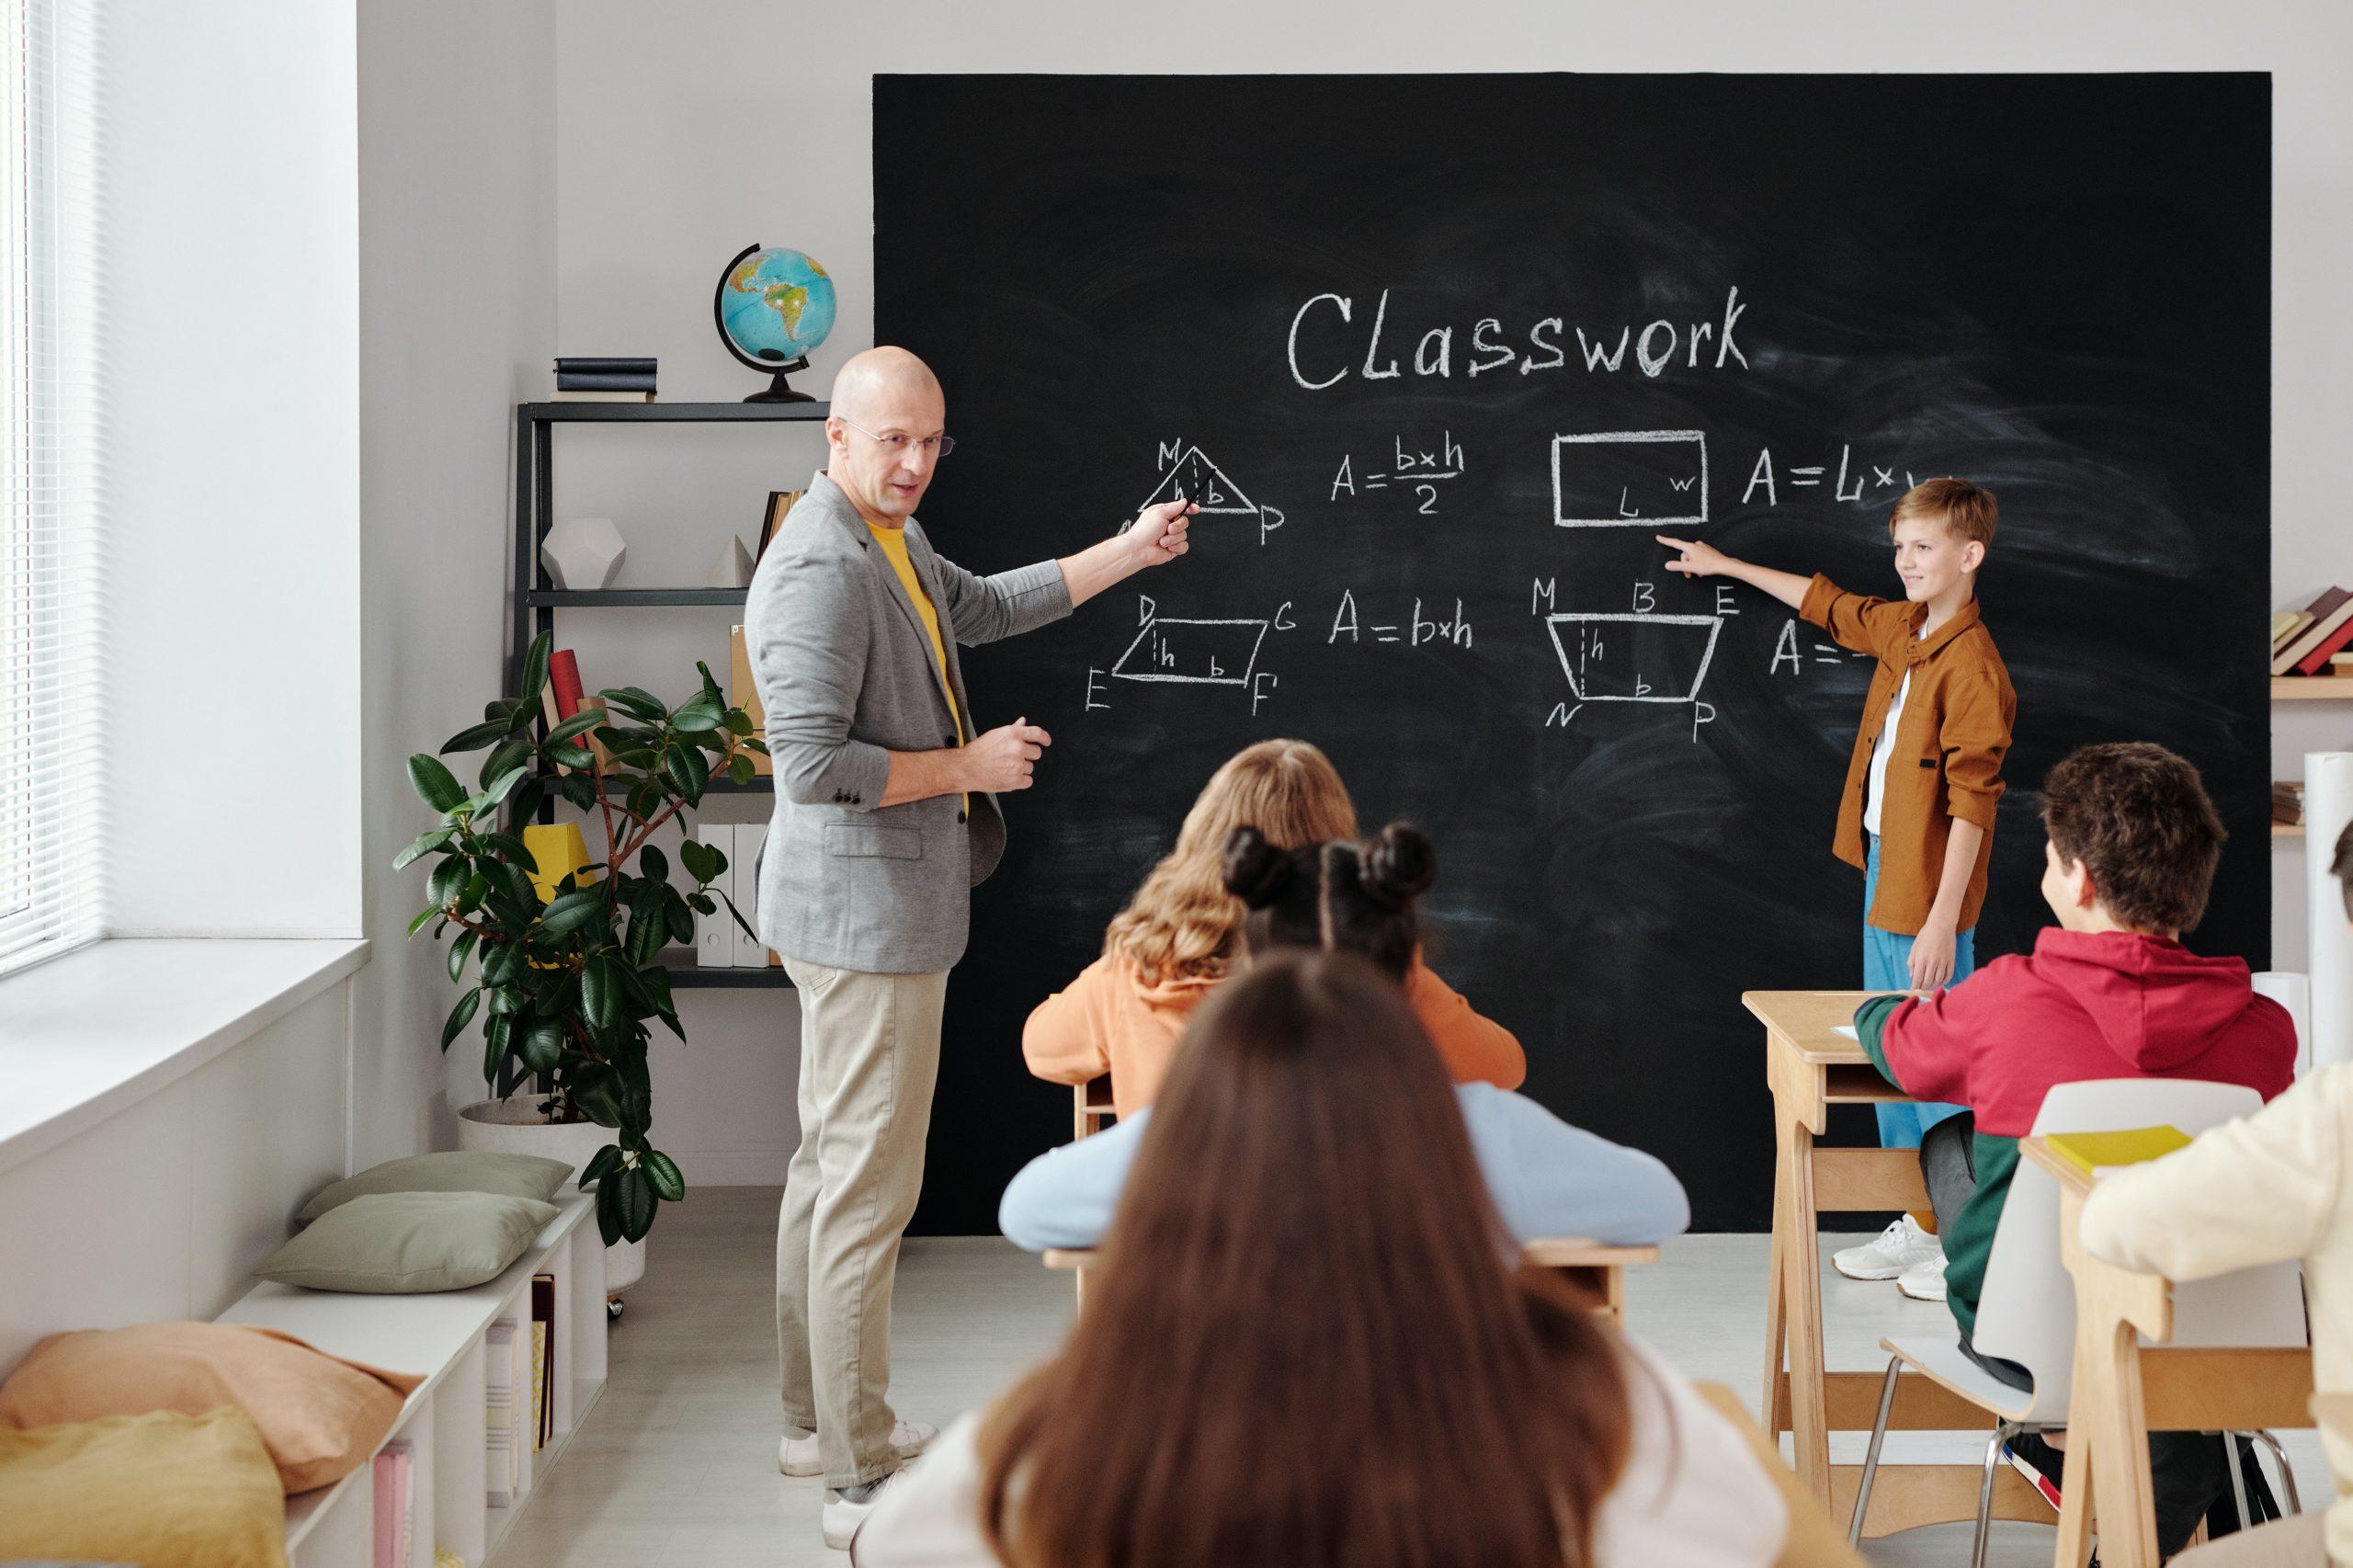 บทบาทของคุณครู มีทำหน้าที่ และมีปัจจัย อะไรต่อนักเรียนบ้าง ?